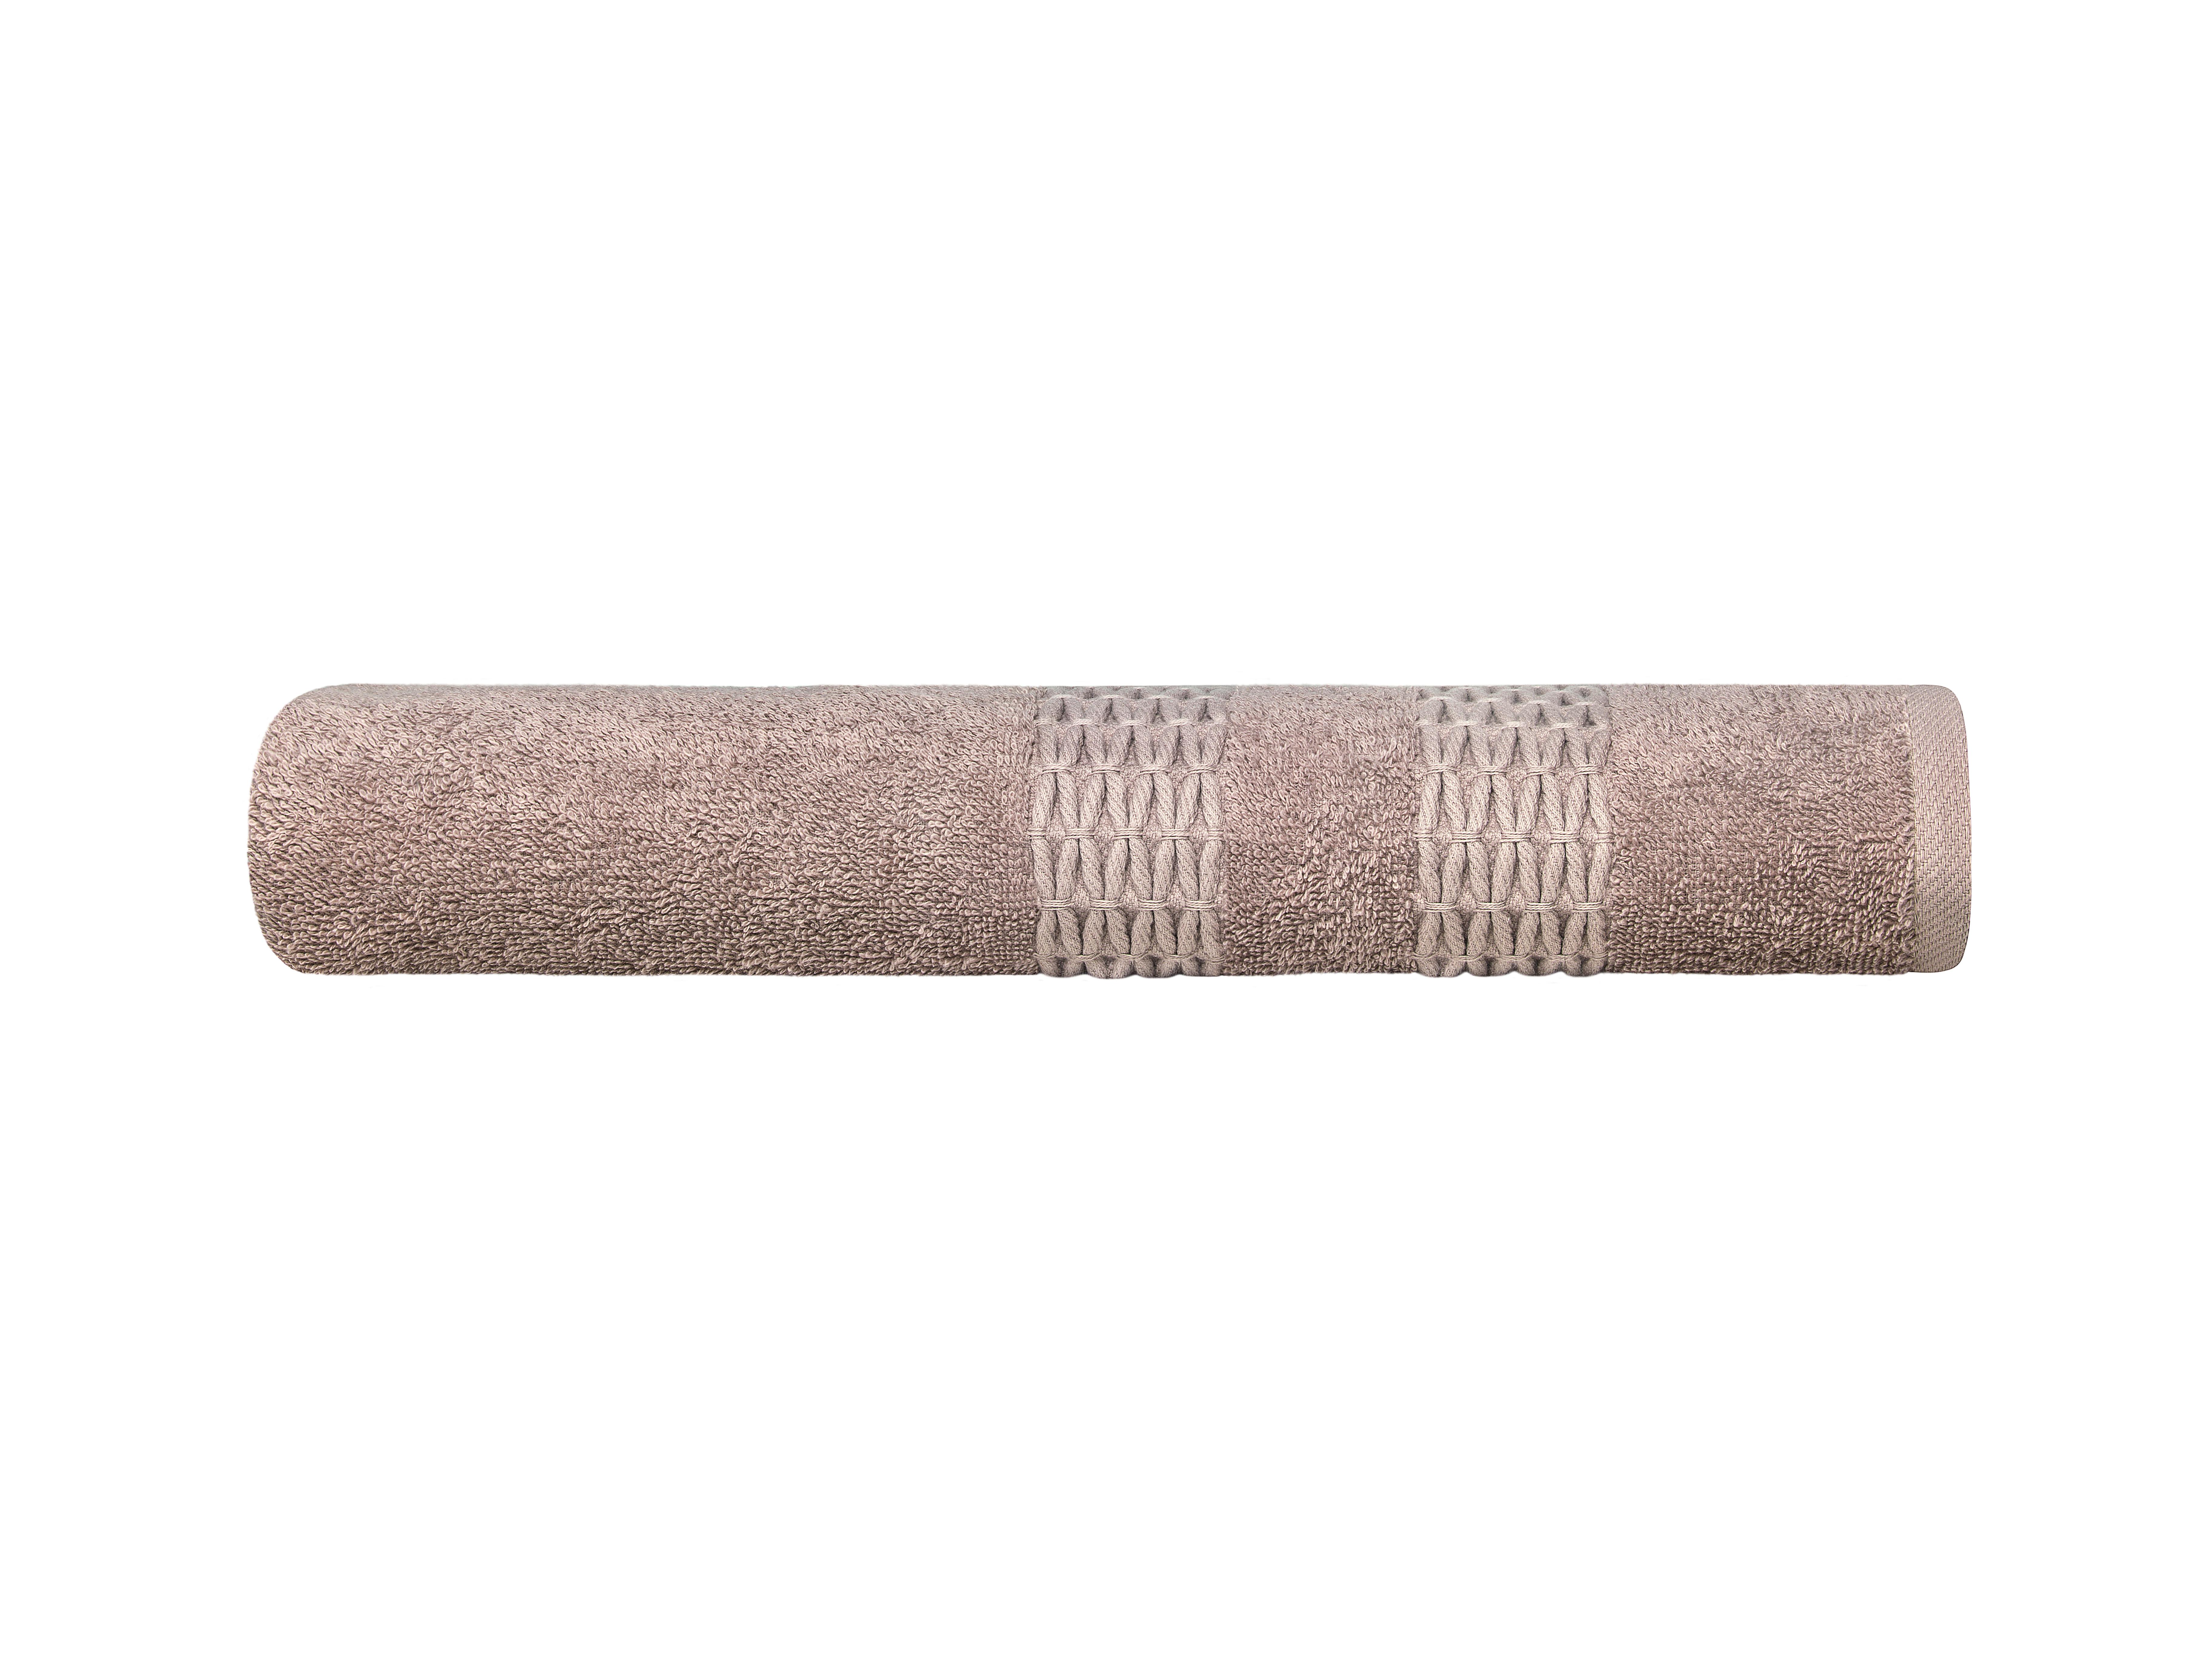 где купить Полотенца ESTIA Полотенце Филоменто Цвет: Бежевый (70х140 см) по лучшей цене